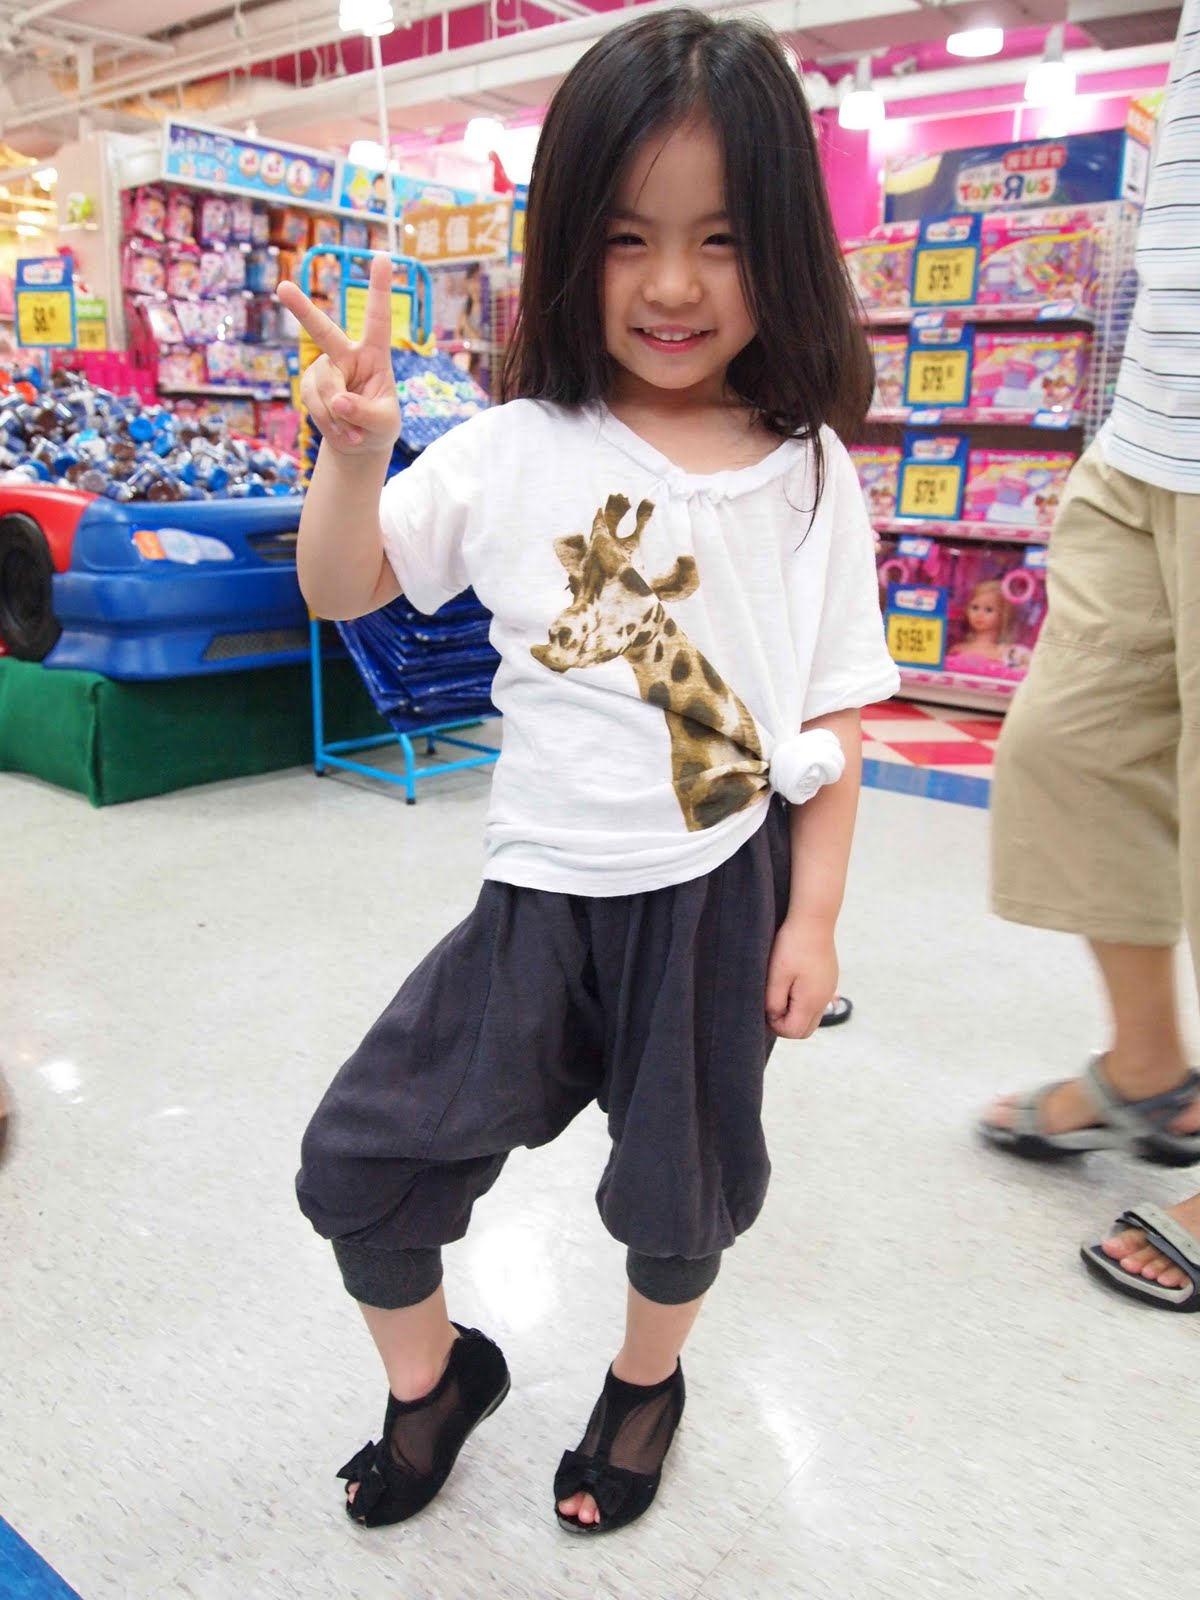 Kids Play Toys We Play Kids Hong Kong Kidswear Street